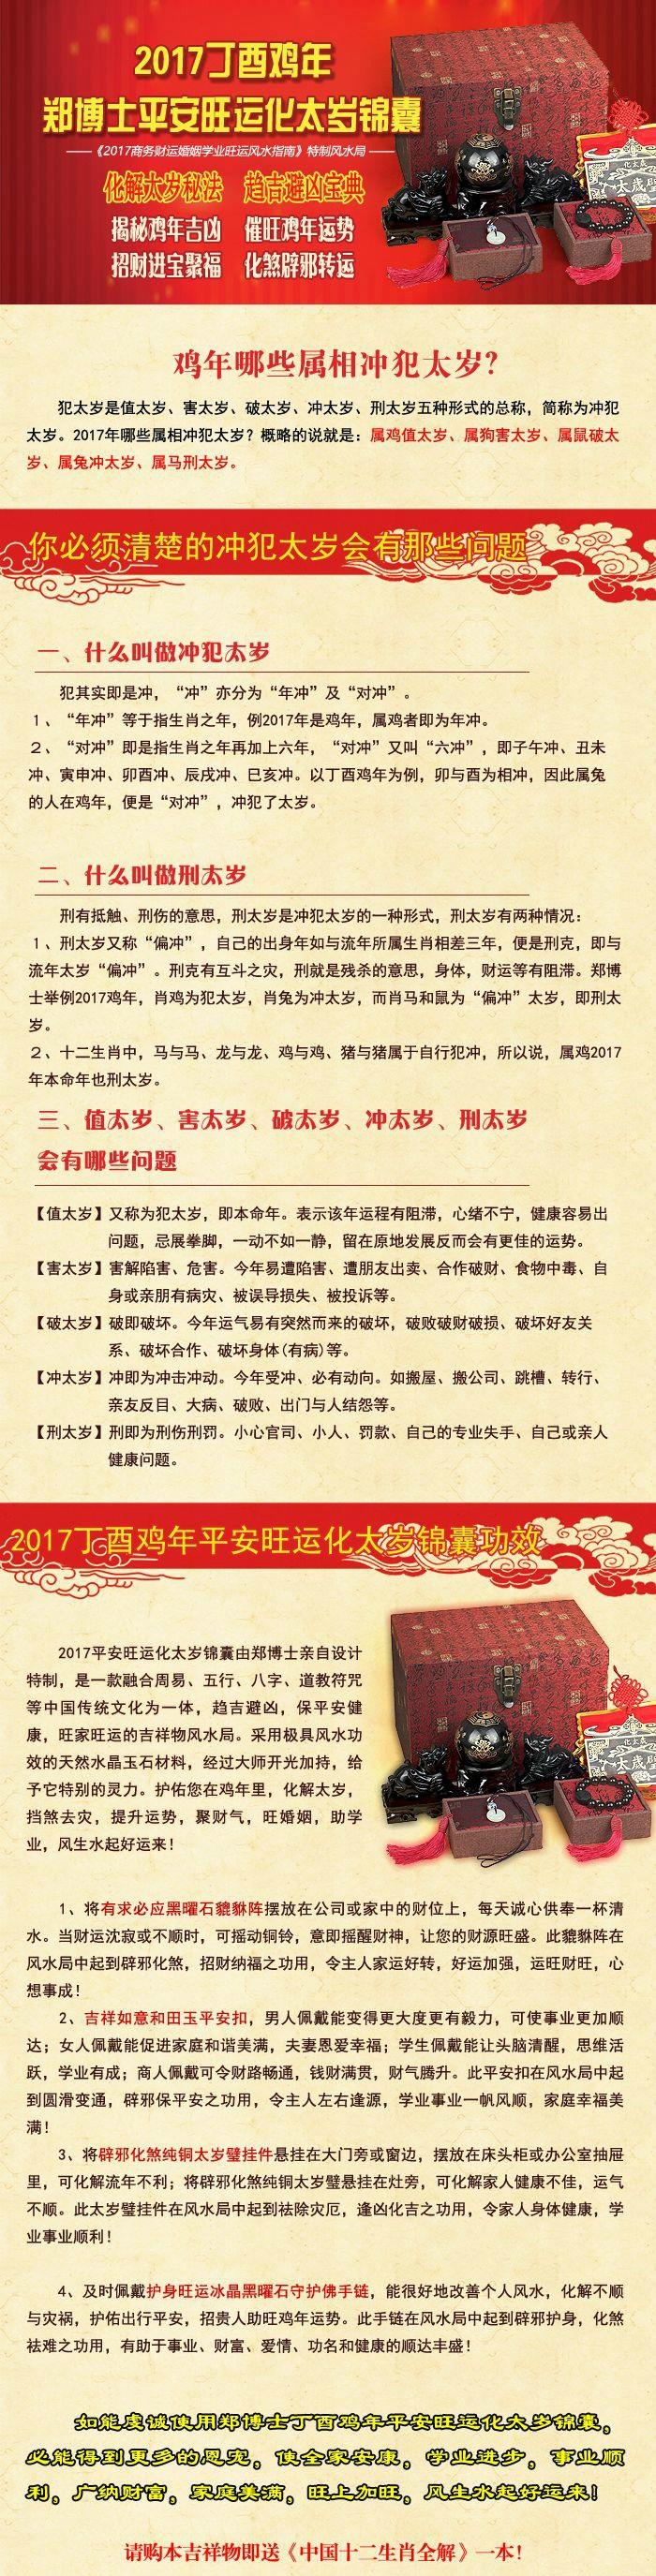 每周运势提前报(12月19日—12月25日) - 郑博士说风水 - 郑博士说风水